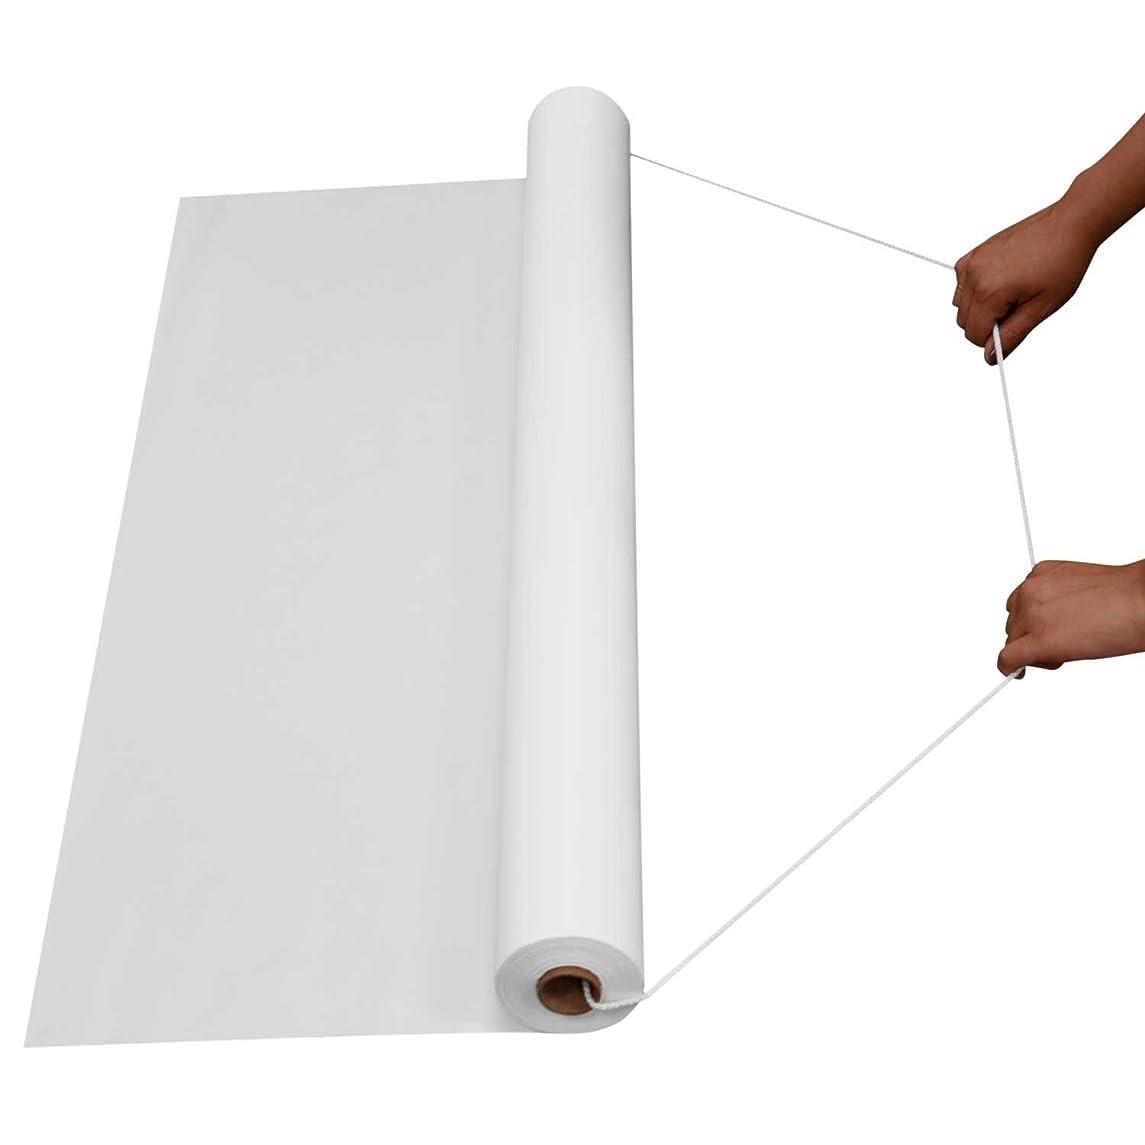 Northwest Enterprises Plastic Aisle Runner, 36-Inch by 50-Feet, White